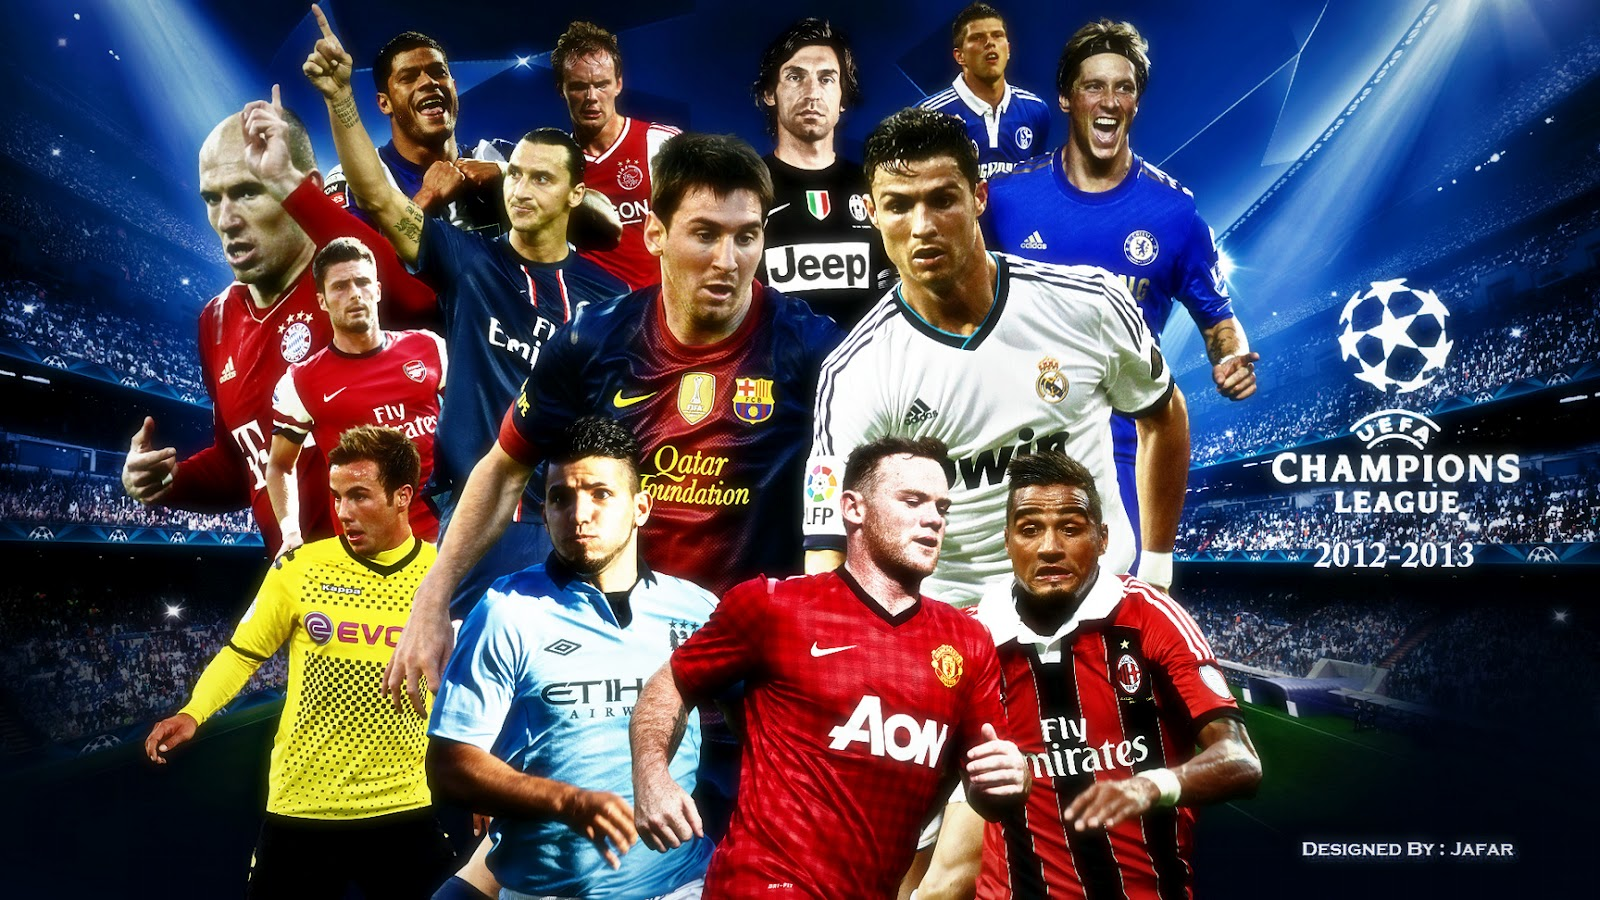 Jadwal Liga Champions 2014